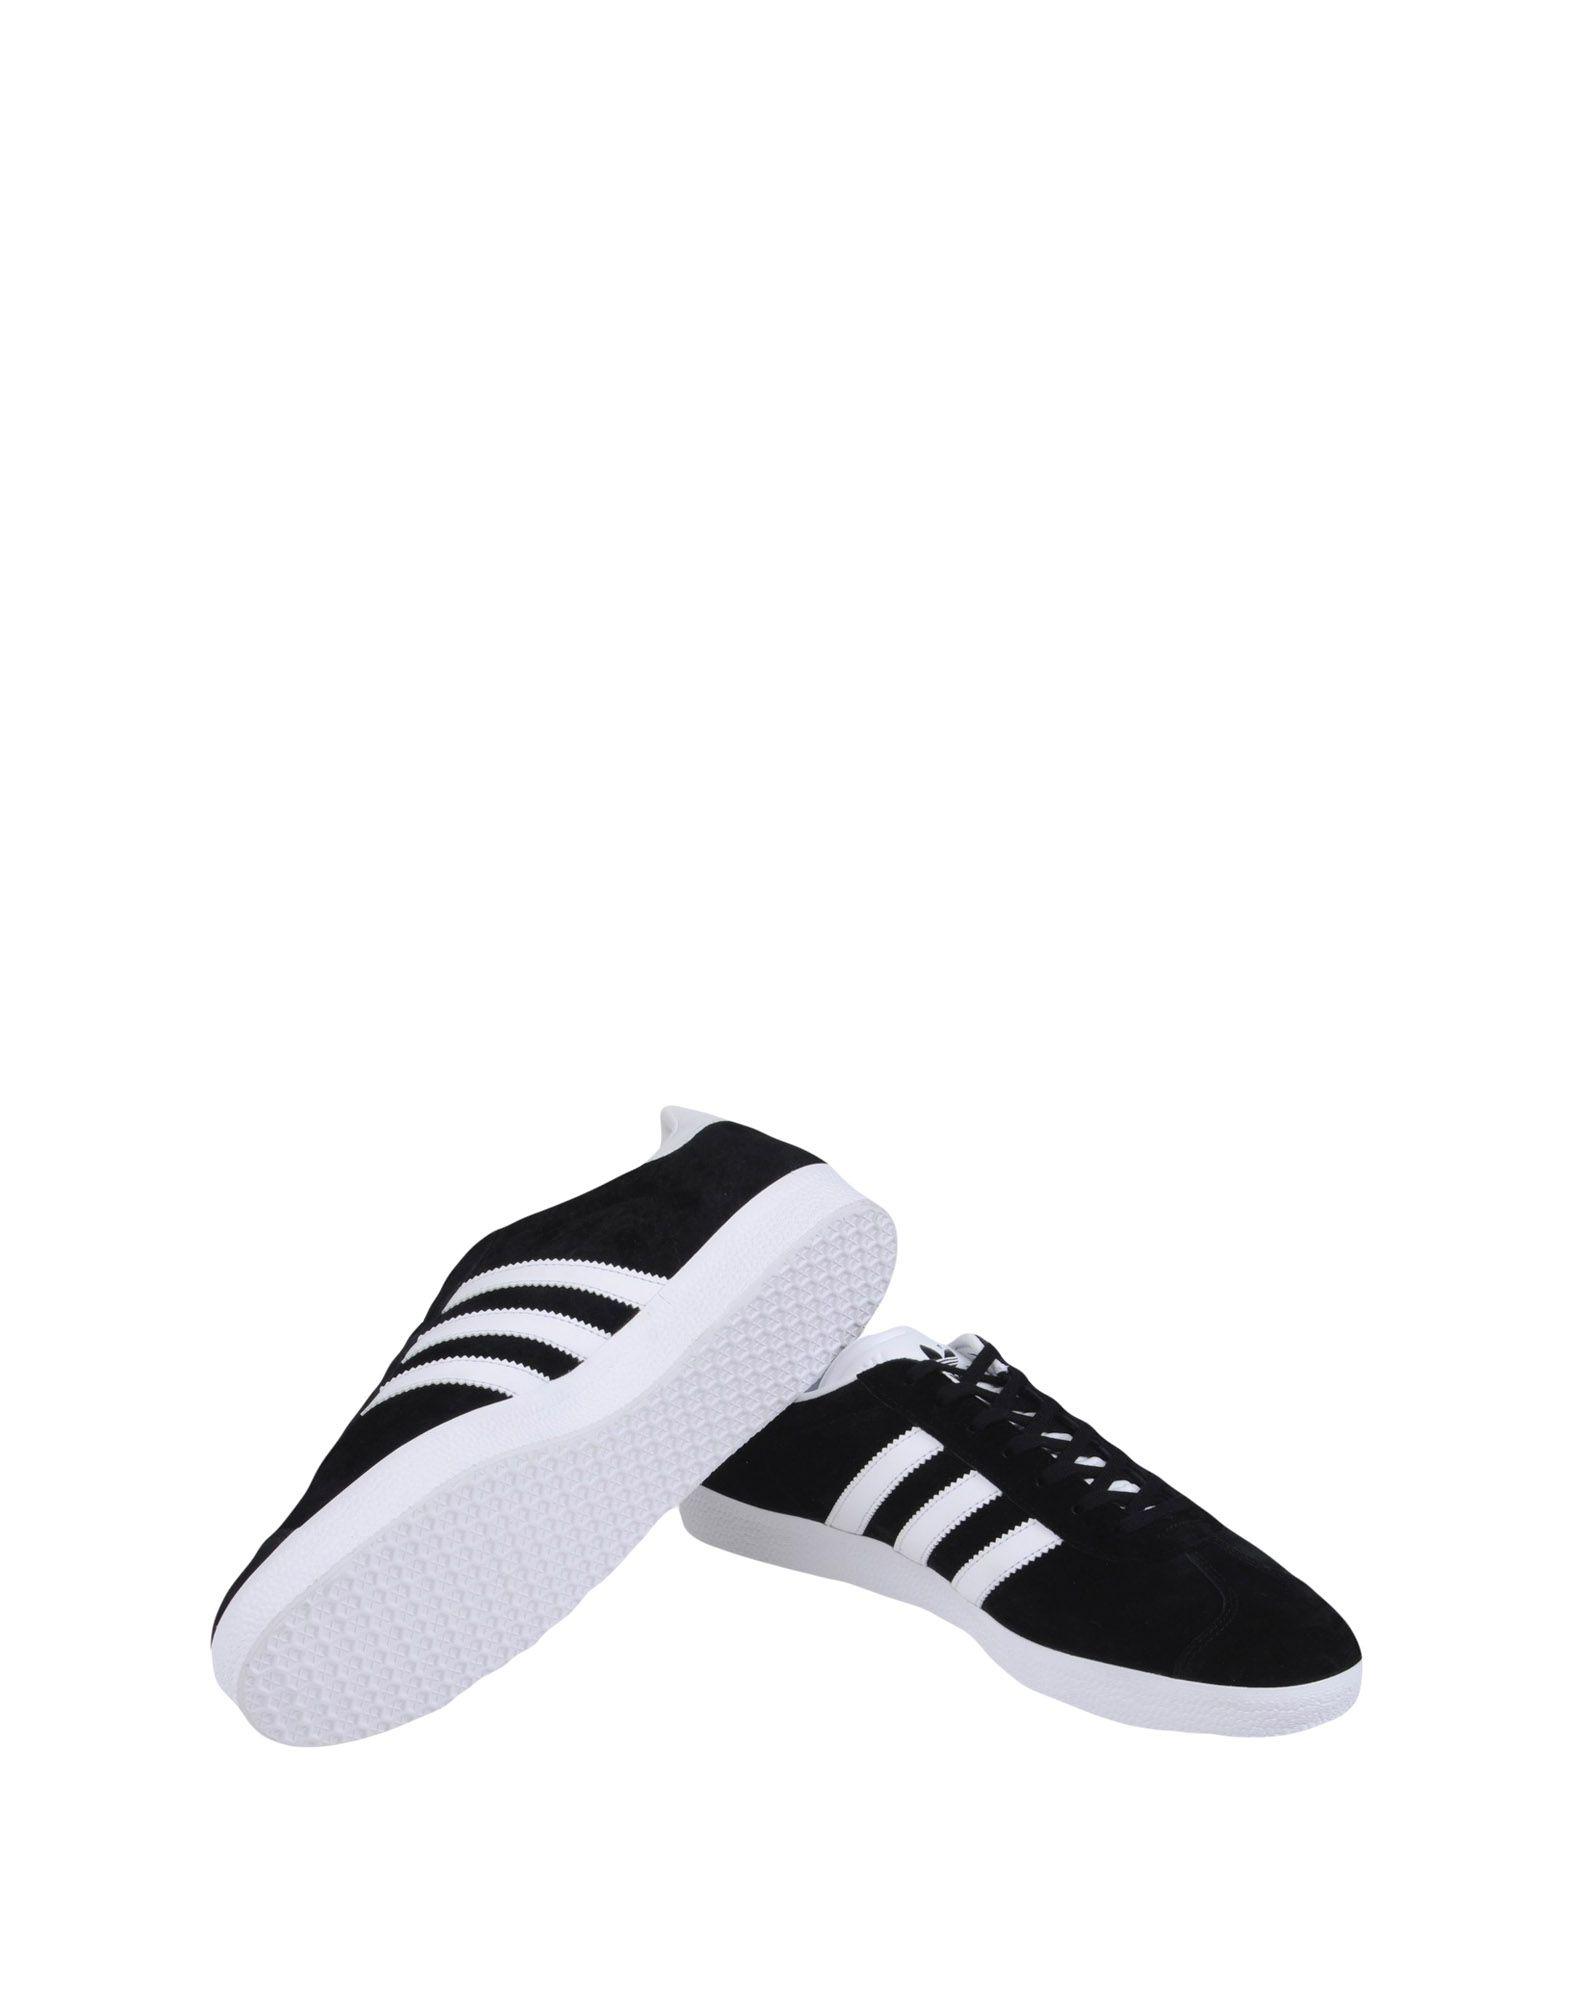 Rabatt echte  Schuhe Adidas Originals Gazelle  echte 11263885DW 7f8d9e